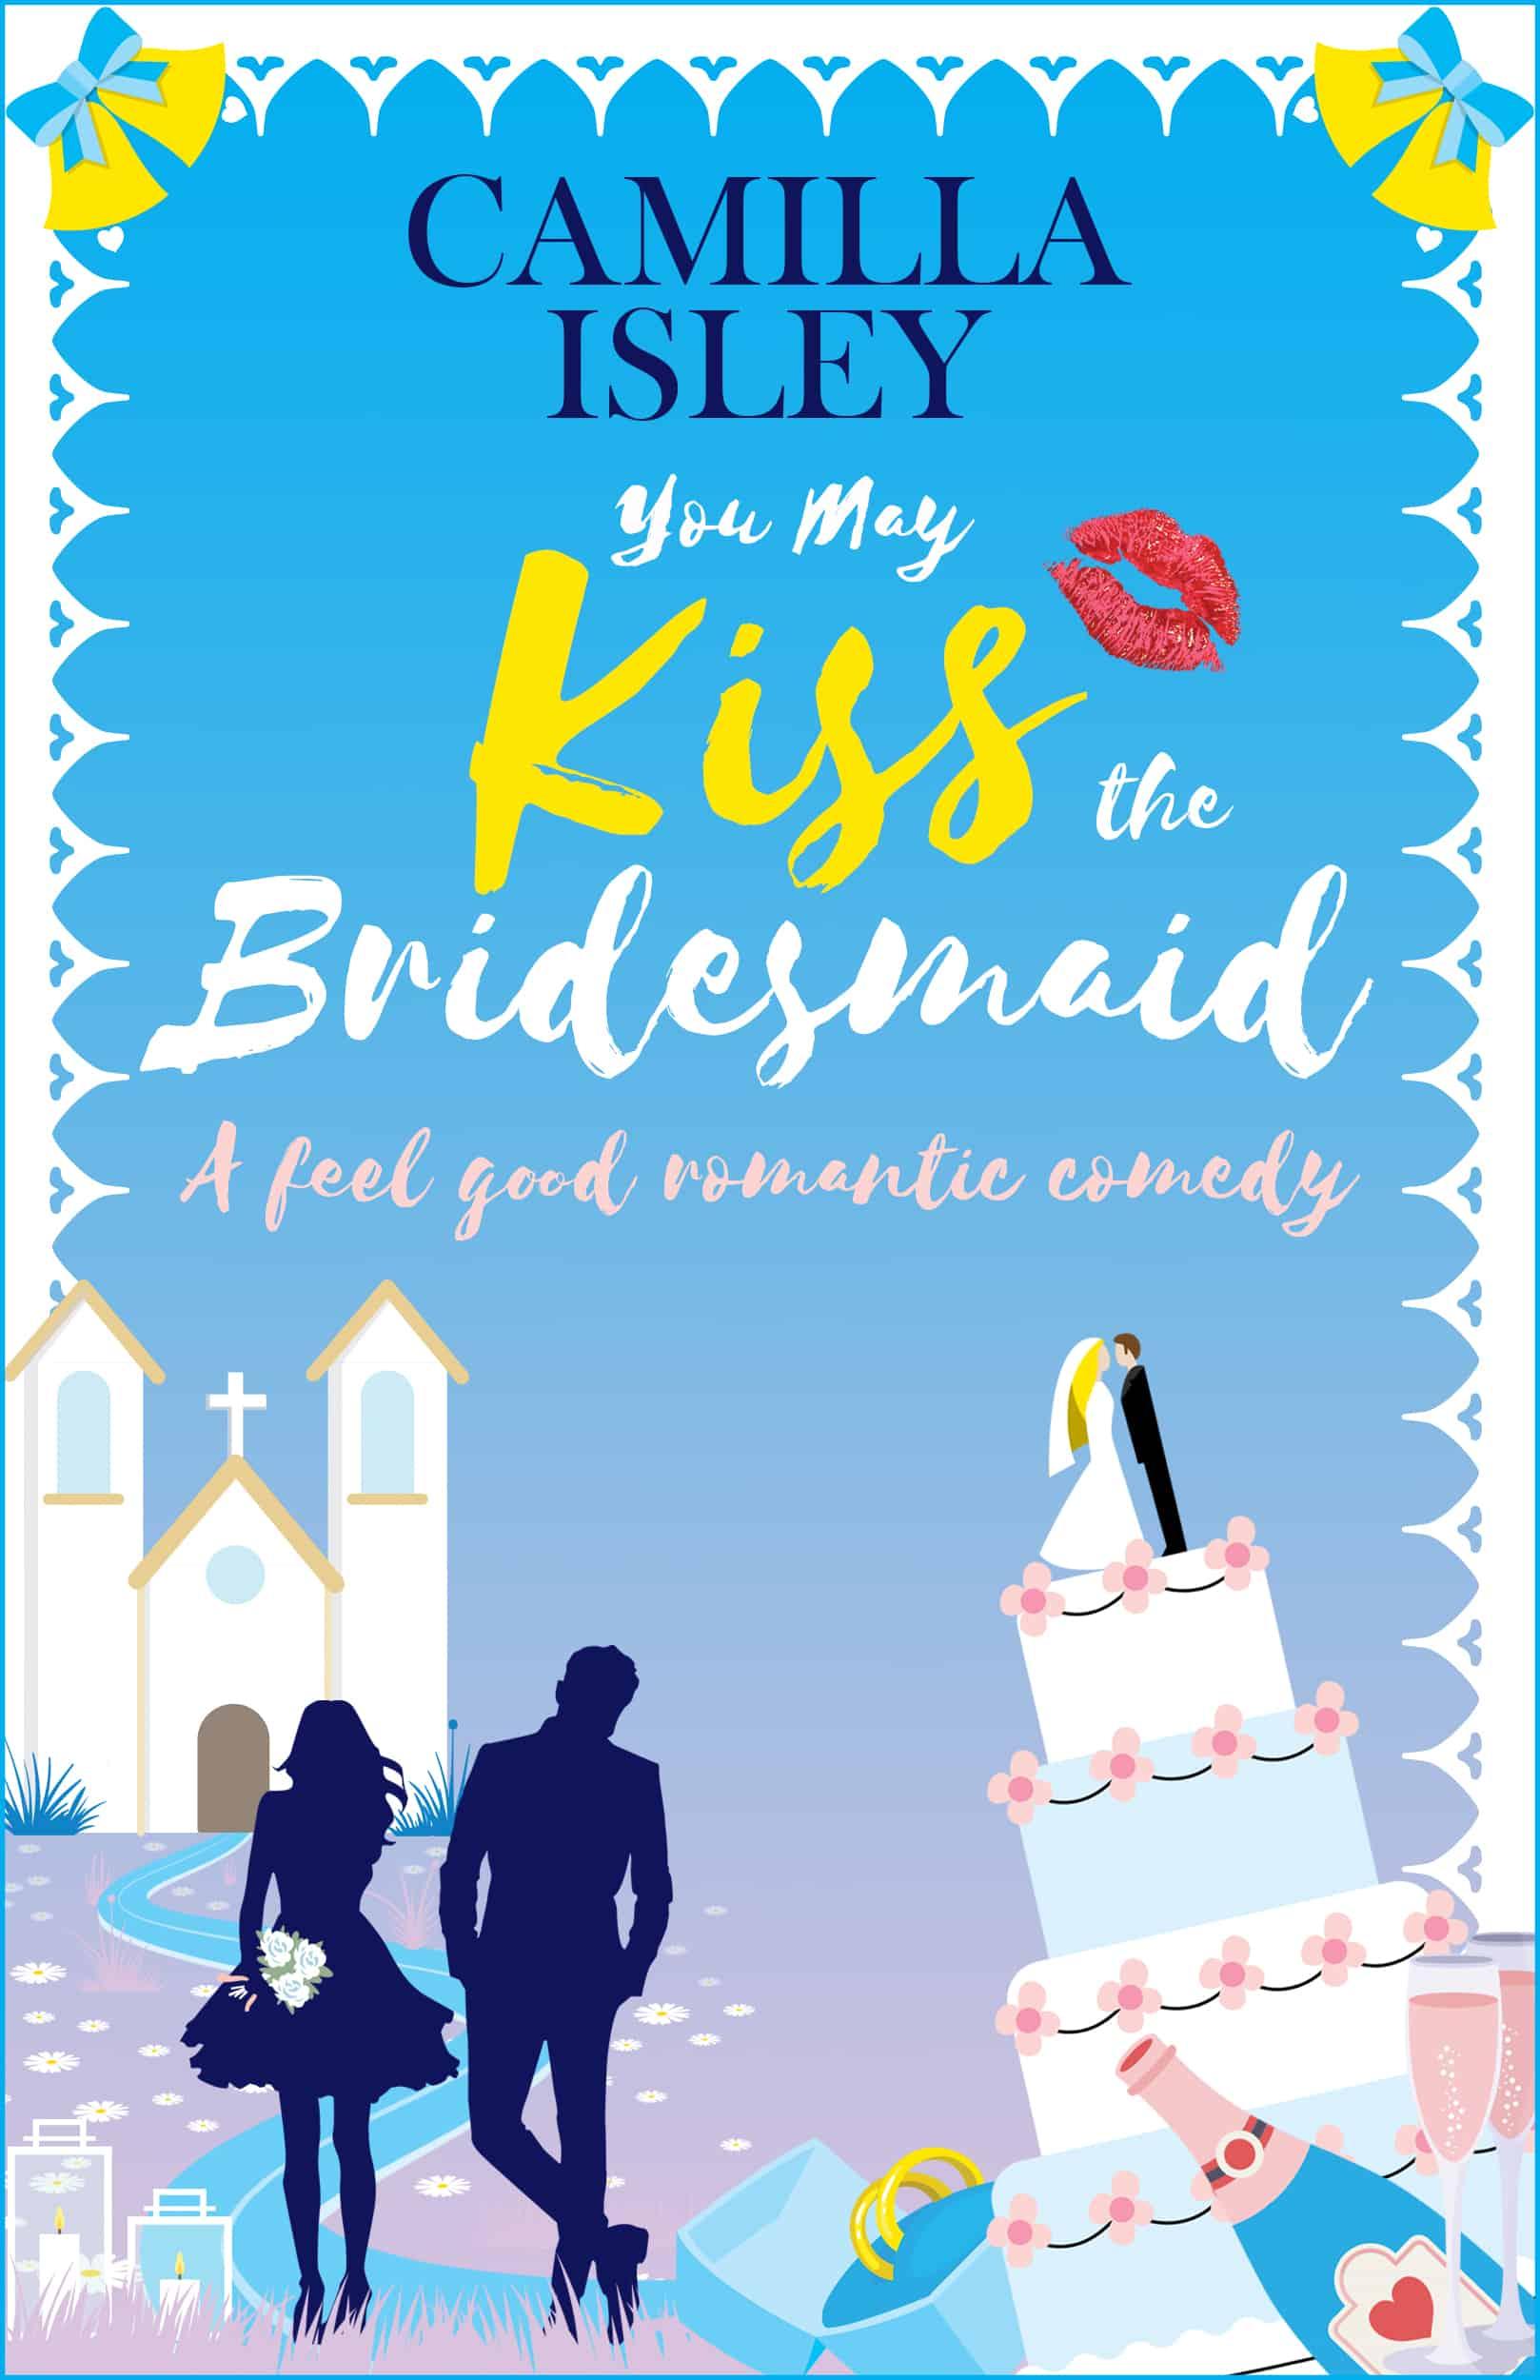 You May Kiss the Bridesmaid